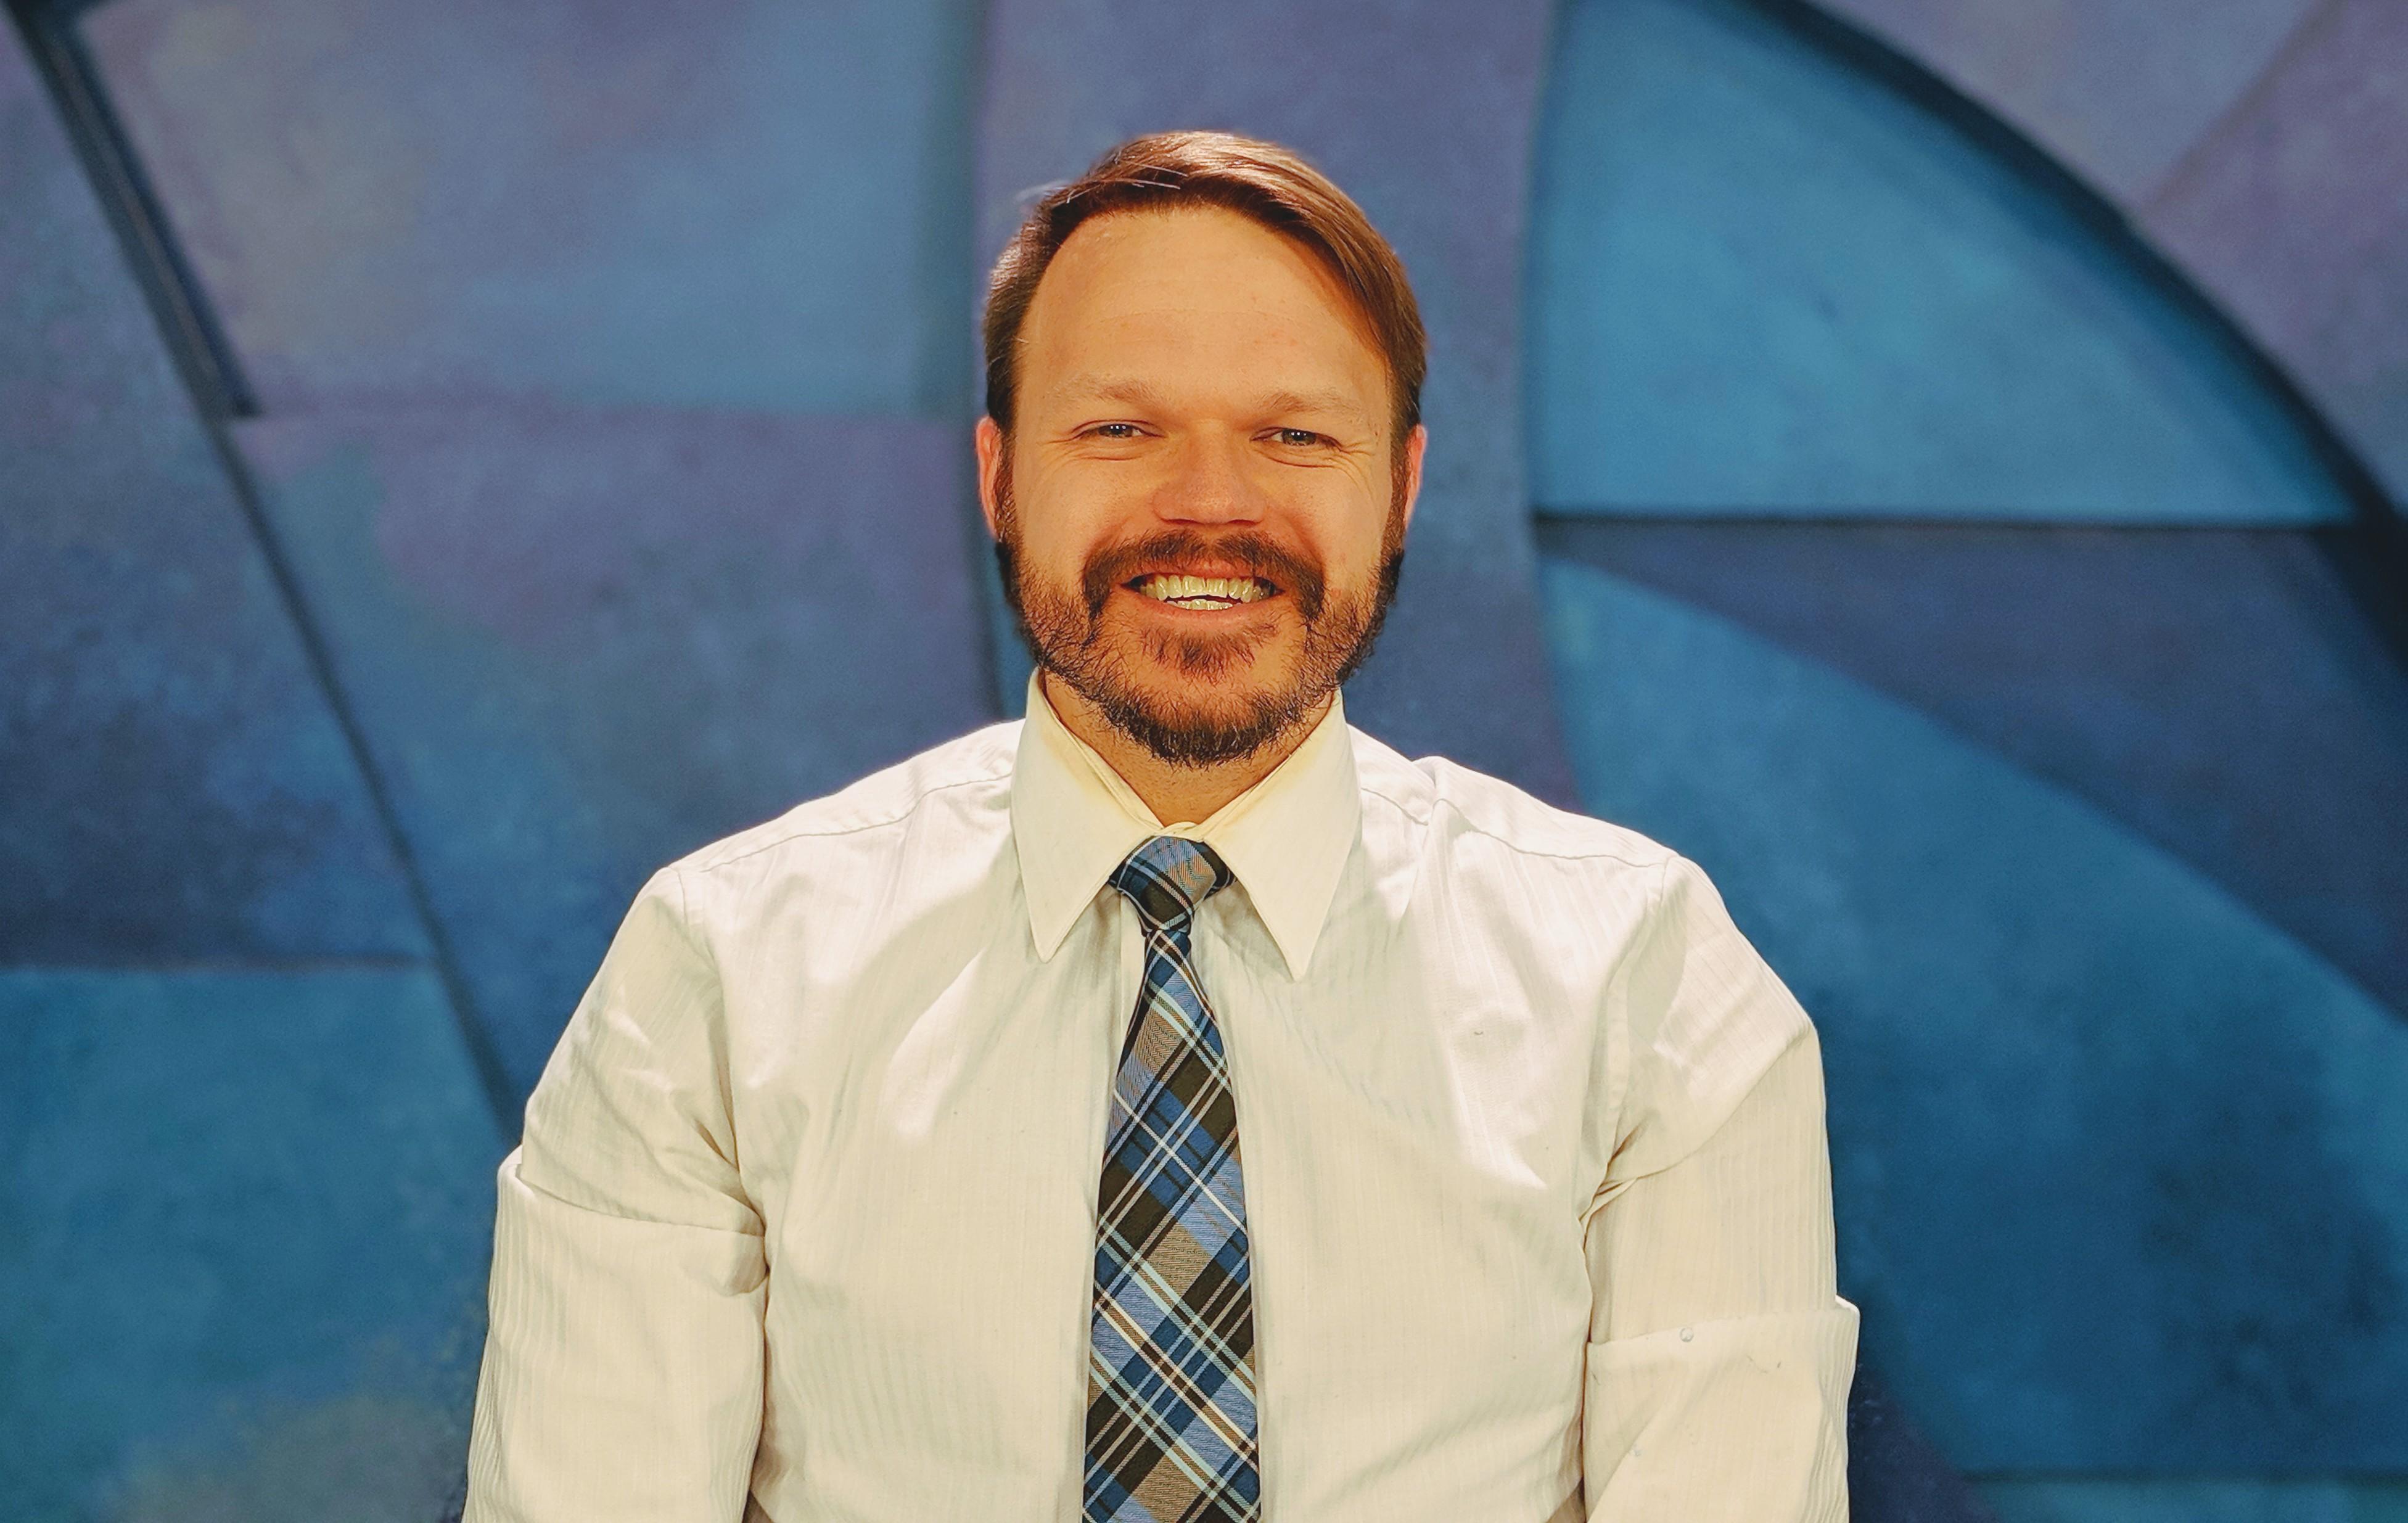 Eric Stidman